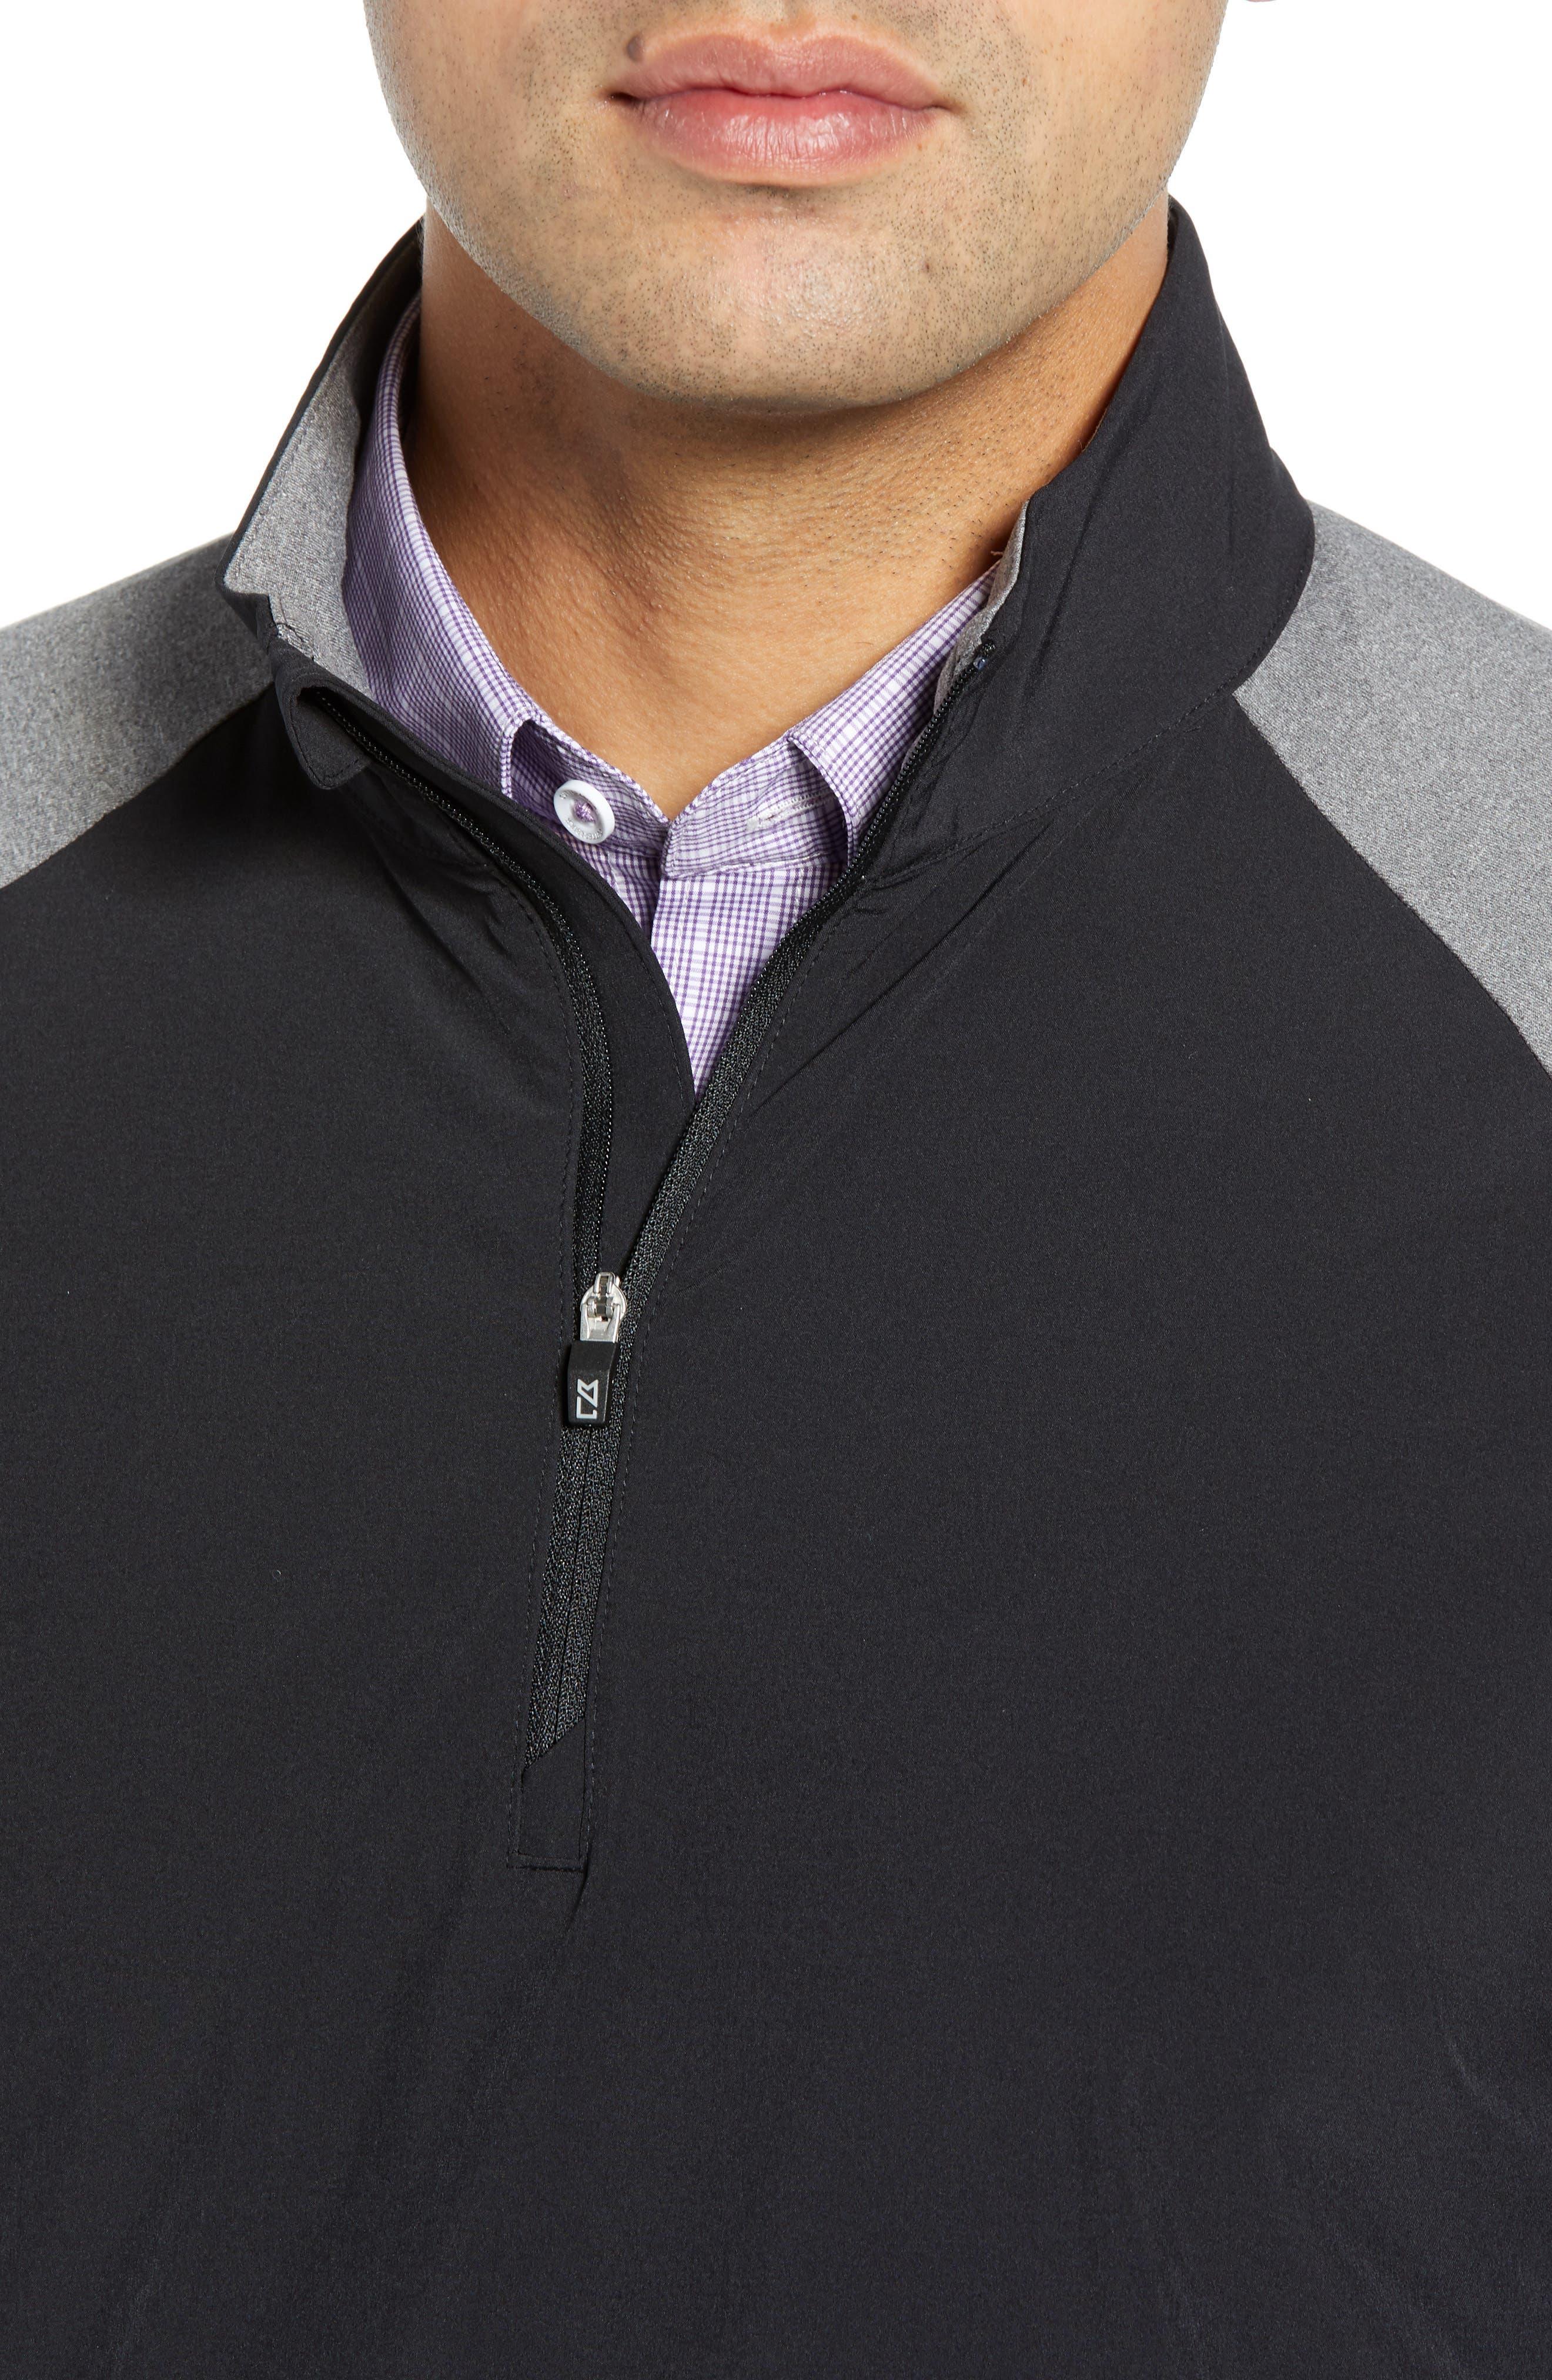 Response Hybrid Overknit Quarter Zip Pullover,                             Alternate thumbnail 4, color,                             BLACK